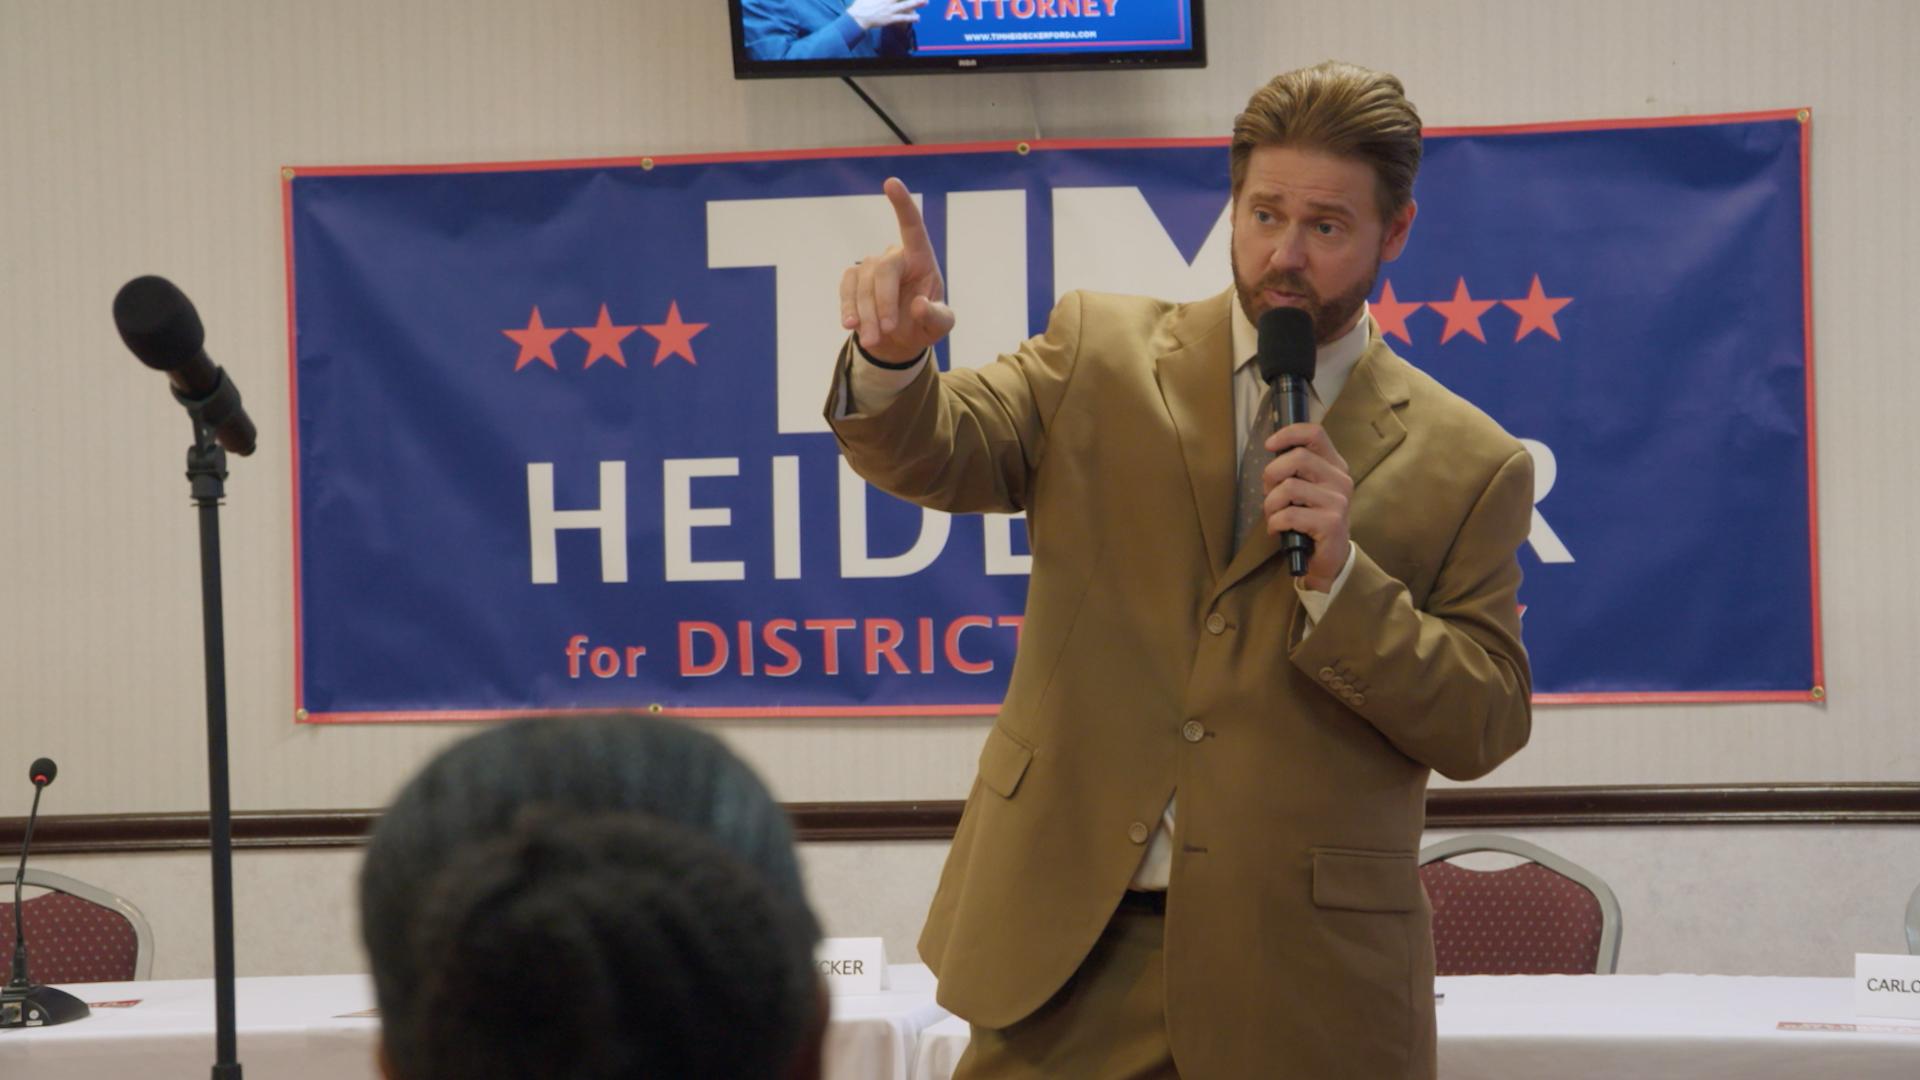 Tim Heidecker gives a speech in front of a Tim Heidecker election banner